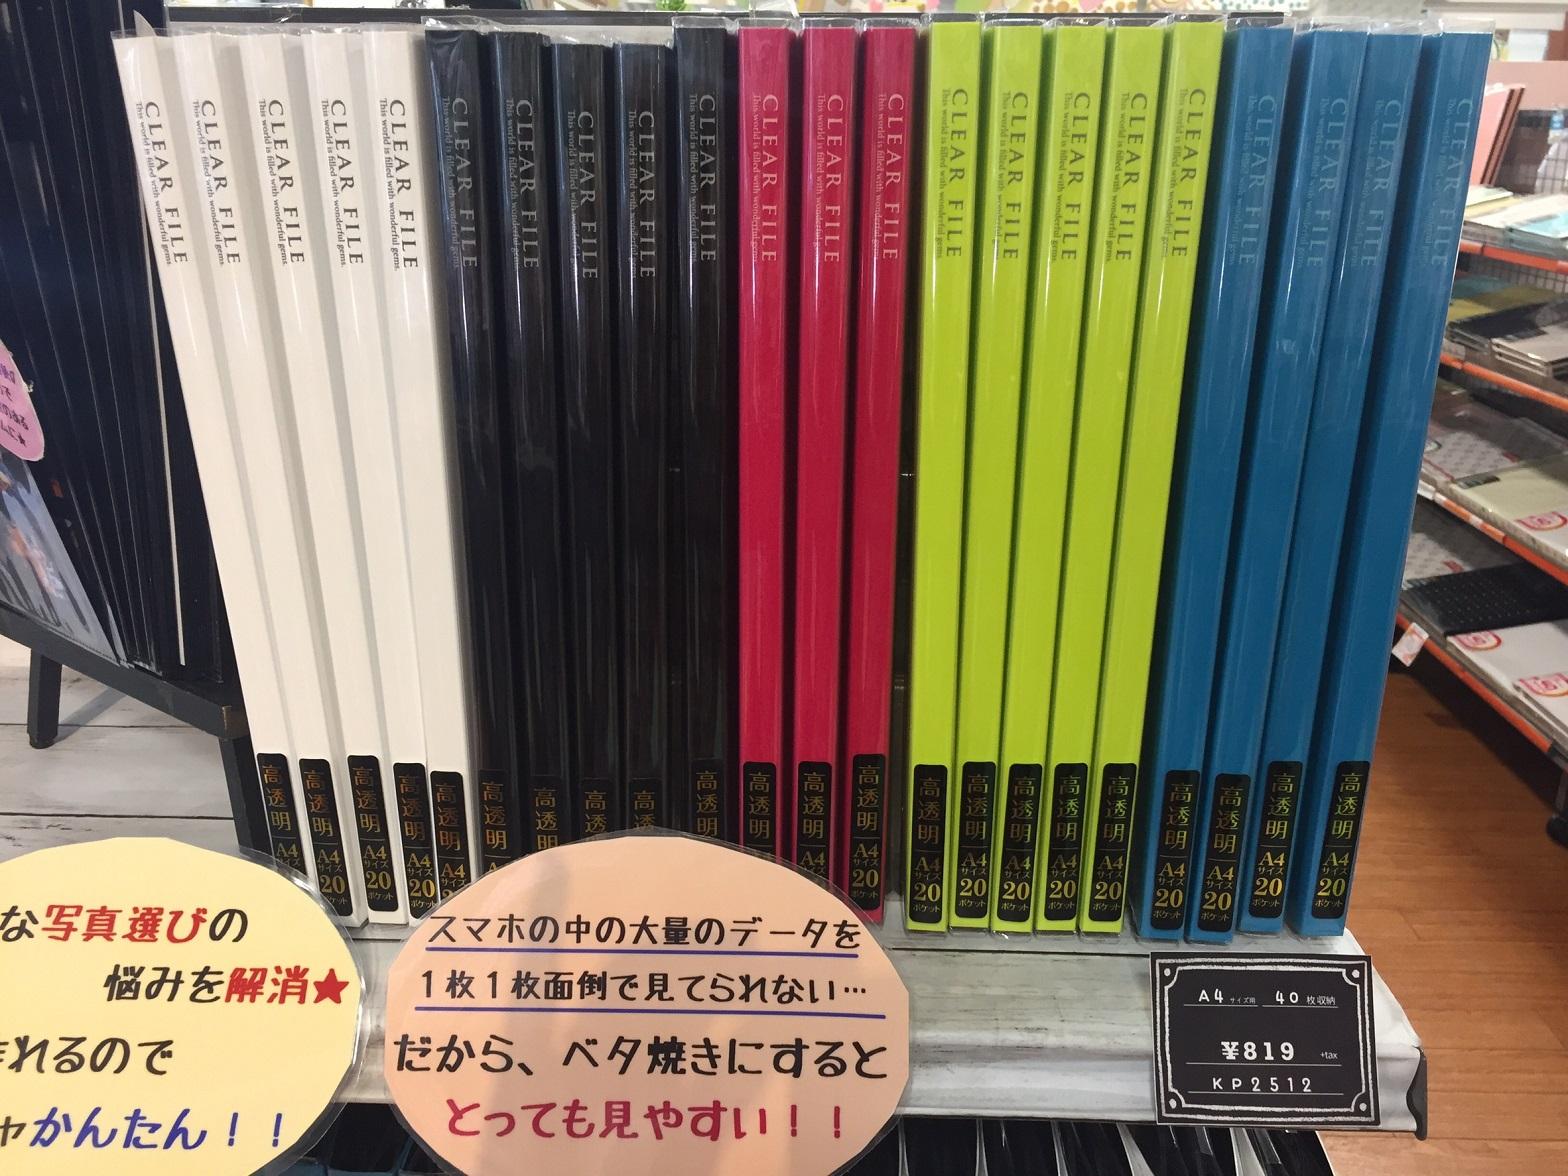 ベタ焼きプリント A4サイズ 720コマ【オート先生ピックアップ付】